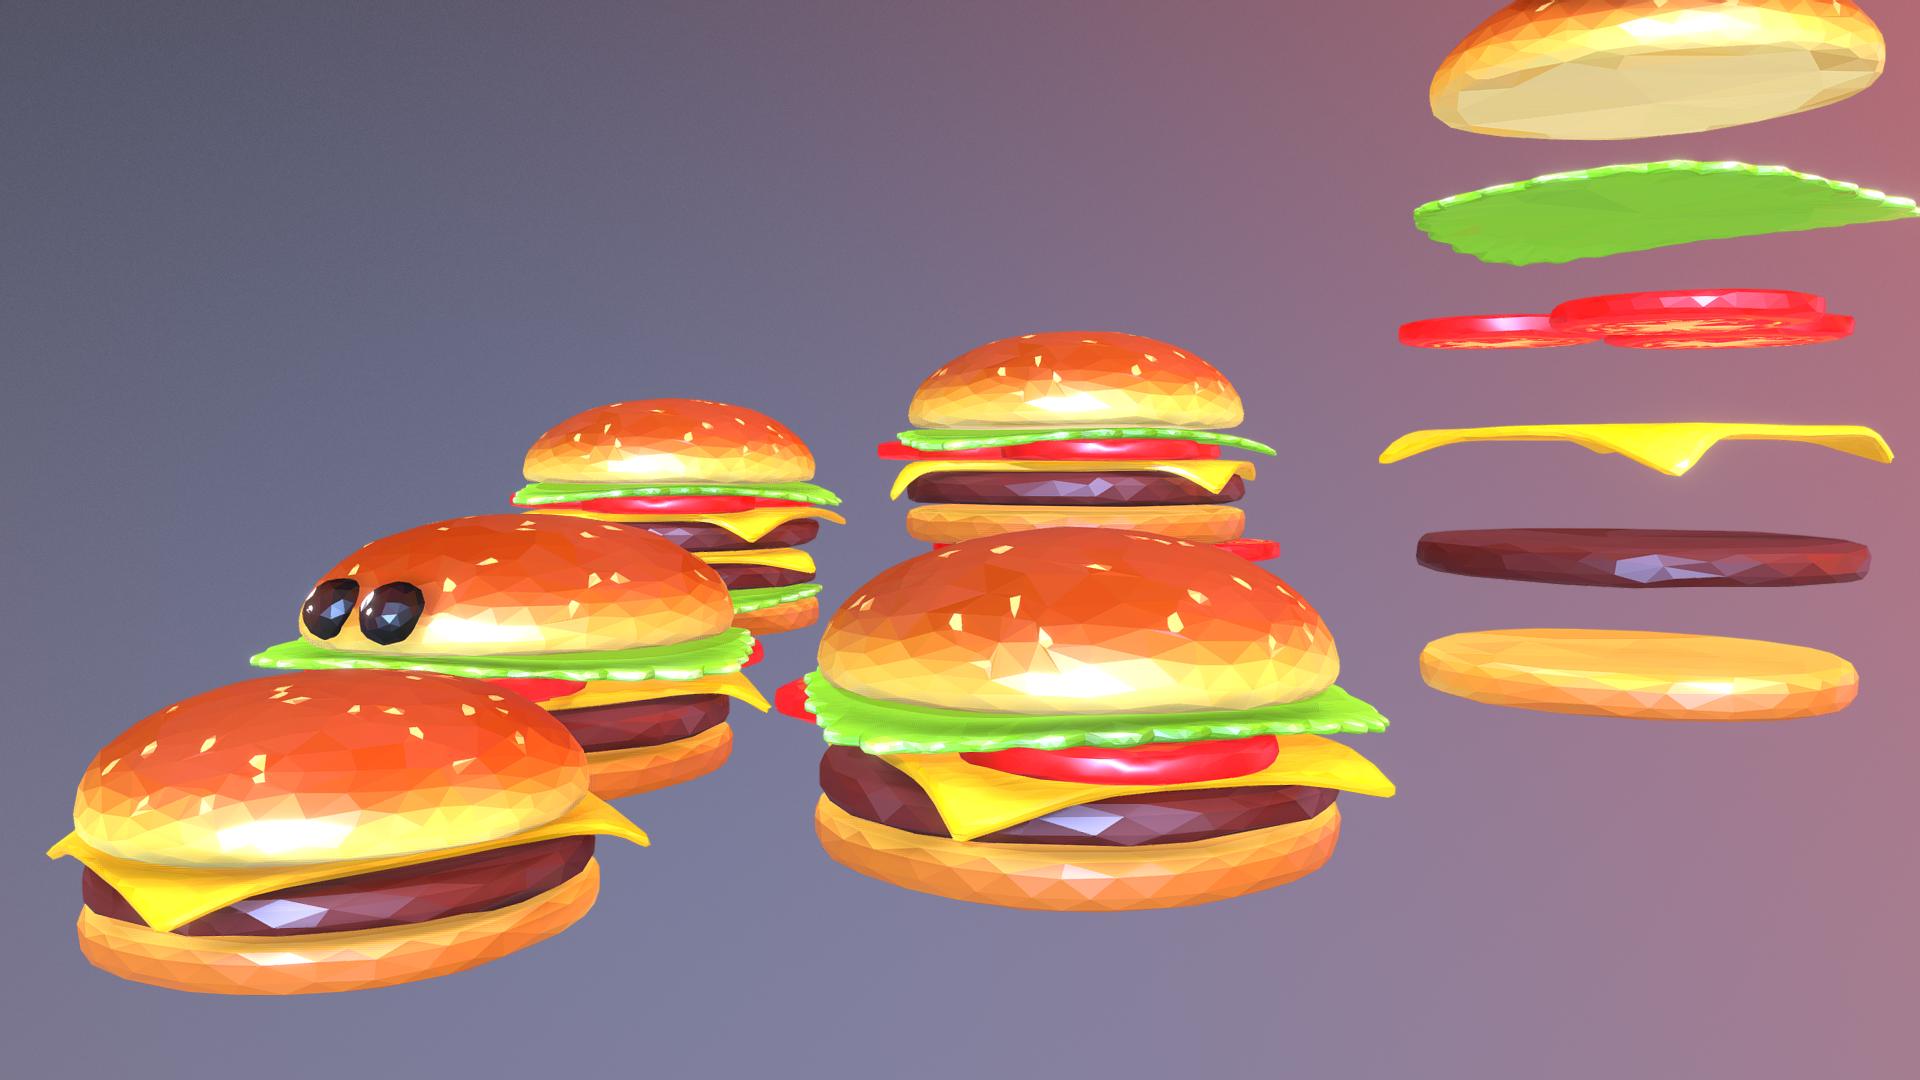 lowpolyart hamburger cheeseburger graditelj 3d model 3ds max fbx jpeg jpg ma mb tekstura obj 269552